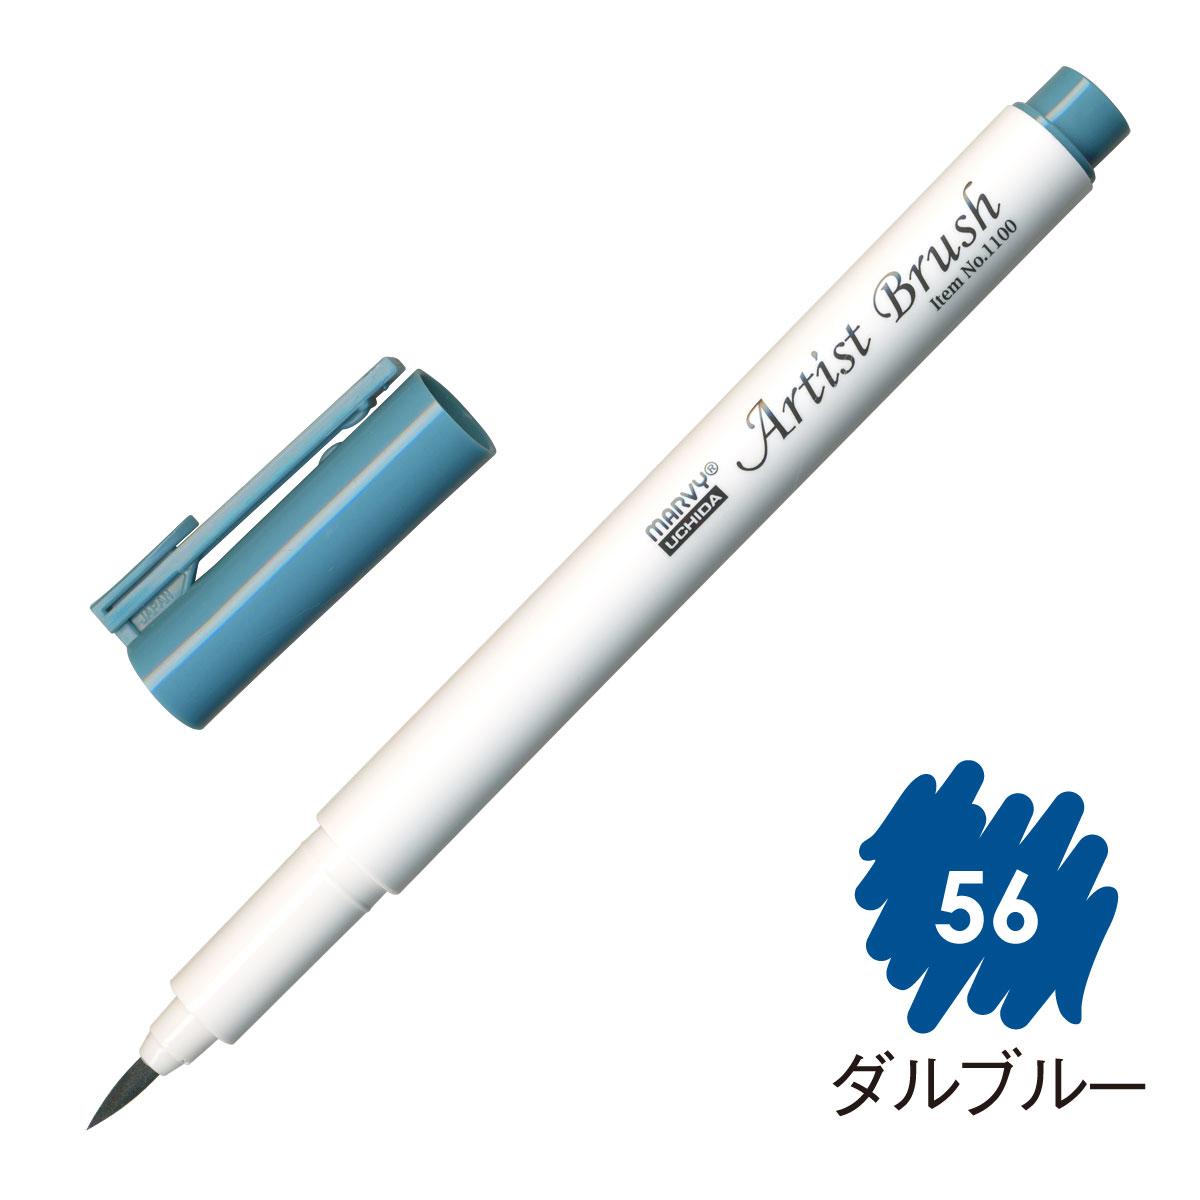 マービー 水性染料 細筆マーカー アーティストブラシ 単品 ダルブルー(56) 1100-56画像